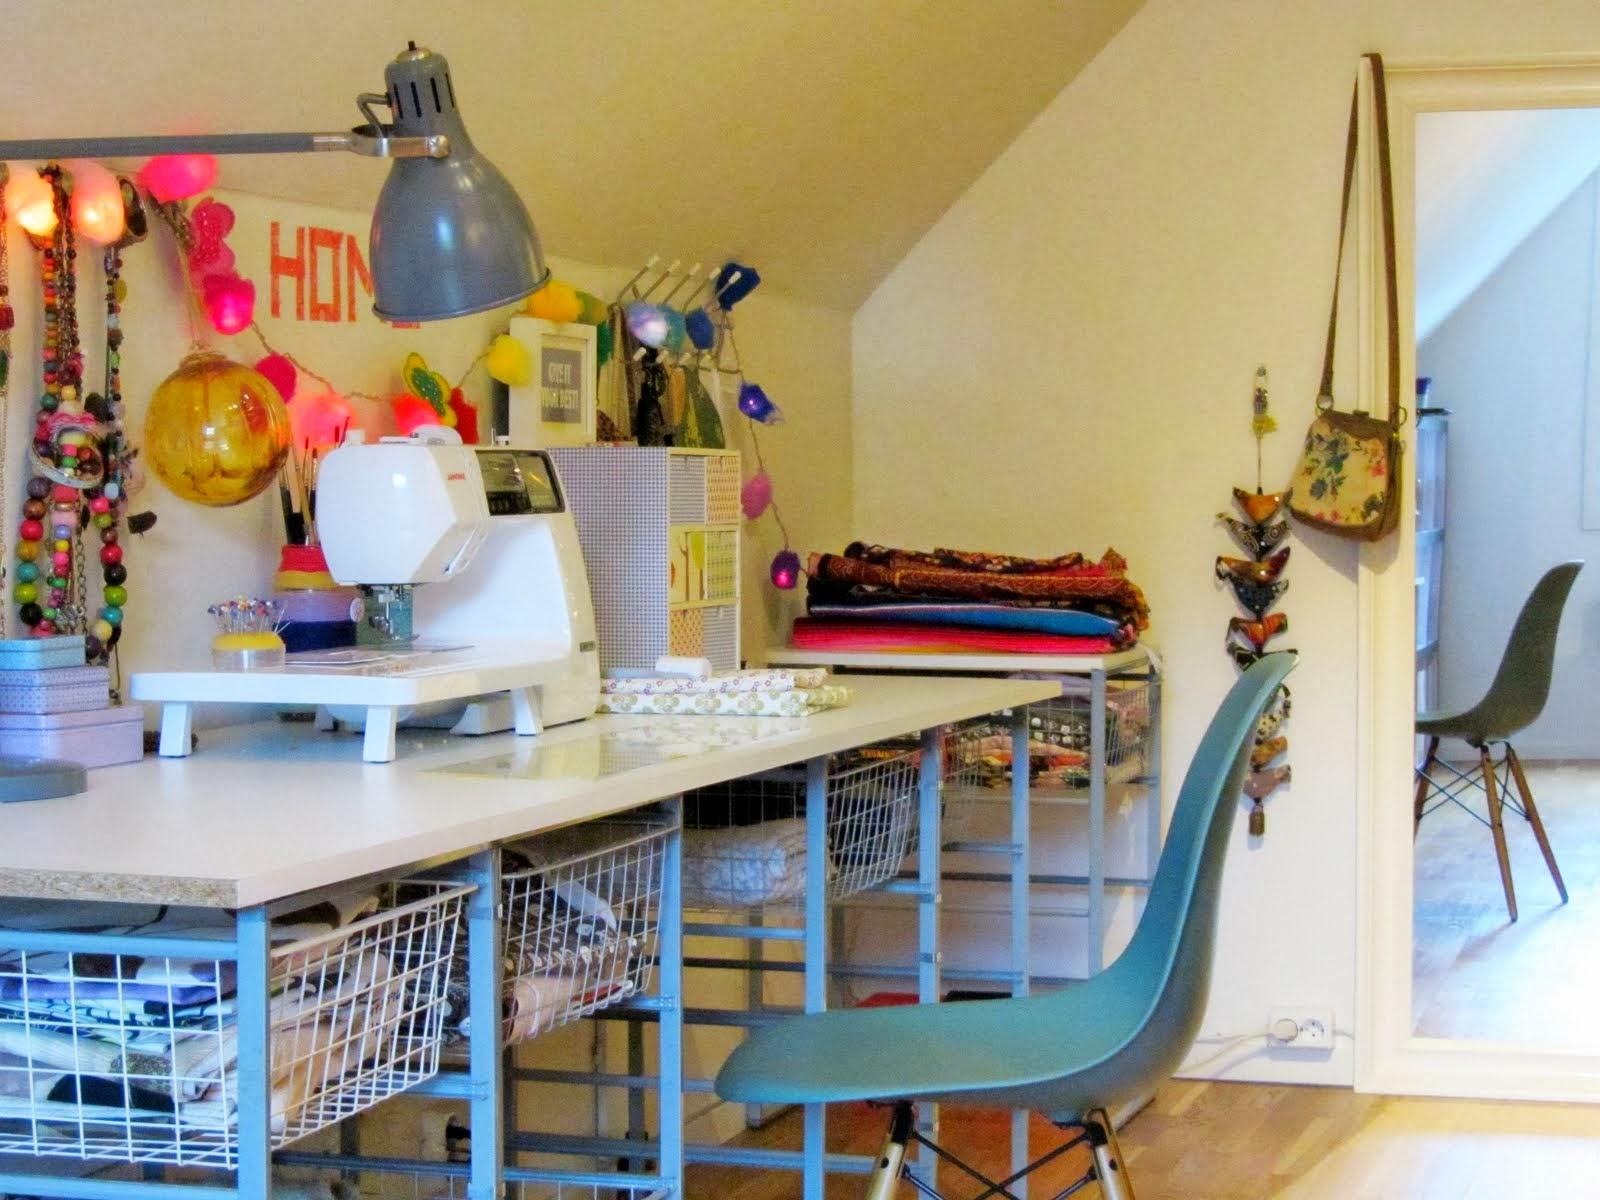 Manualidades para hacer en casa ideas para organizar for Manualidades en casa